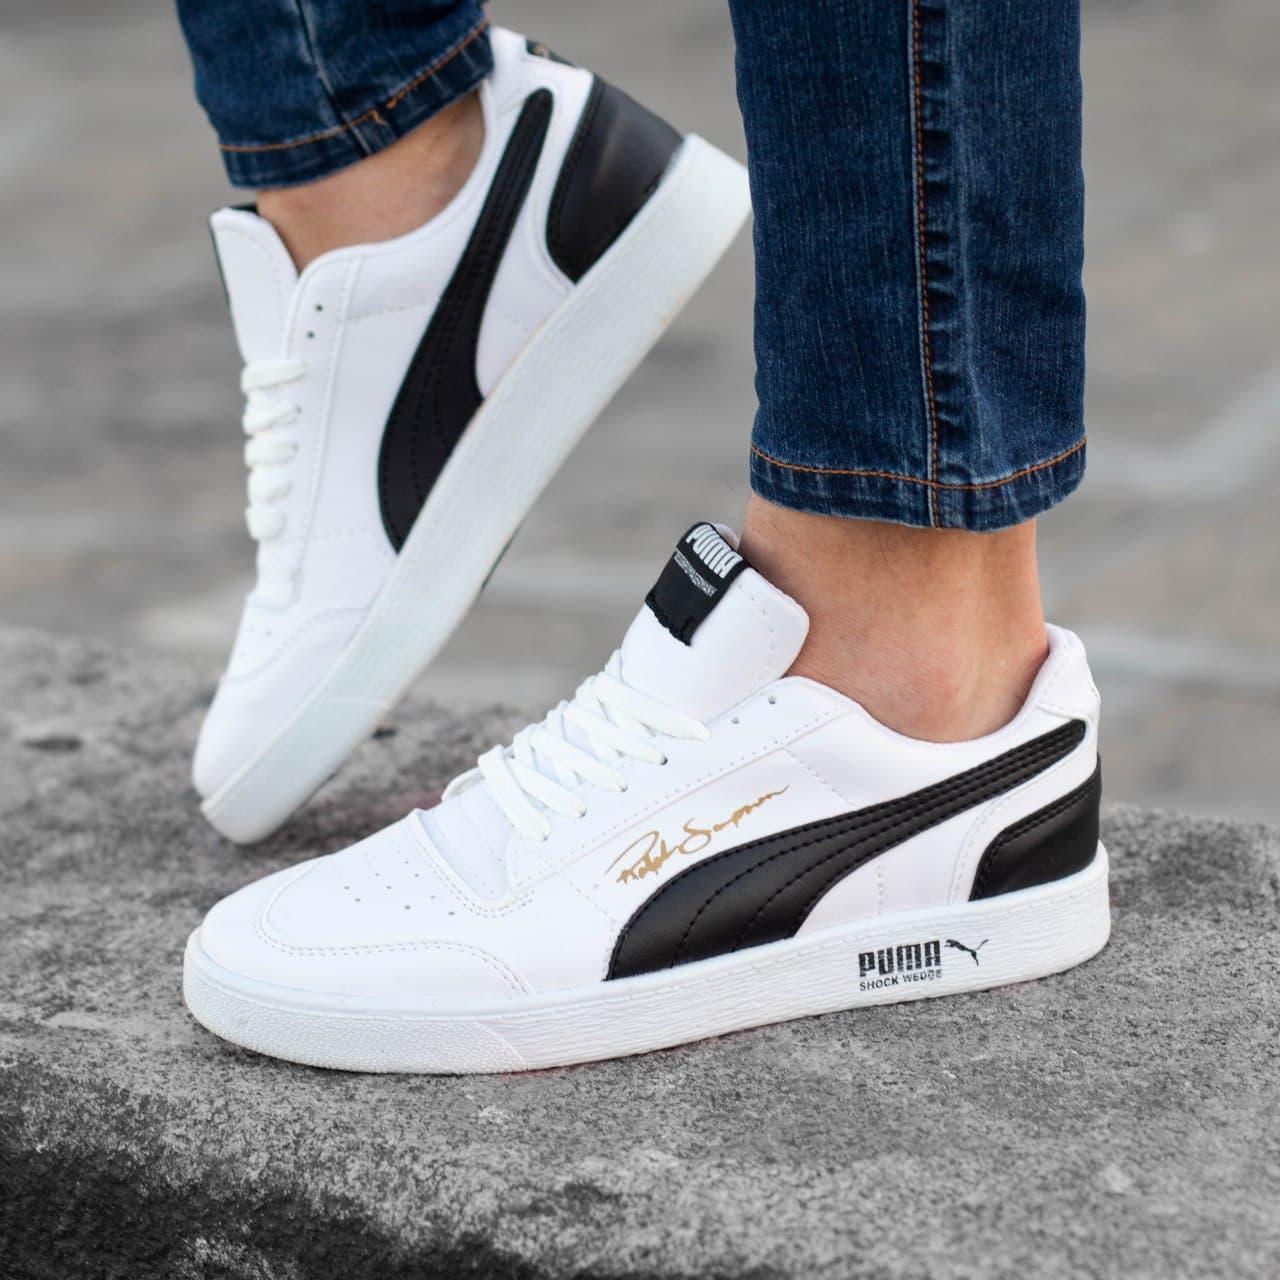 Чоловічі кросівки Puma Ralph Sampson (біло-чорні) 9116 спортивна крута взуття для хлопців